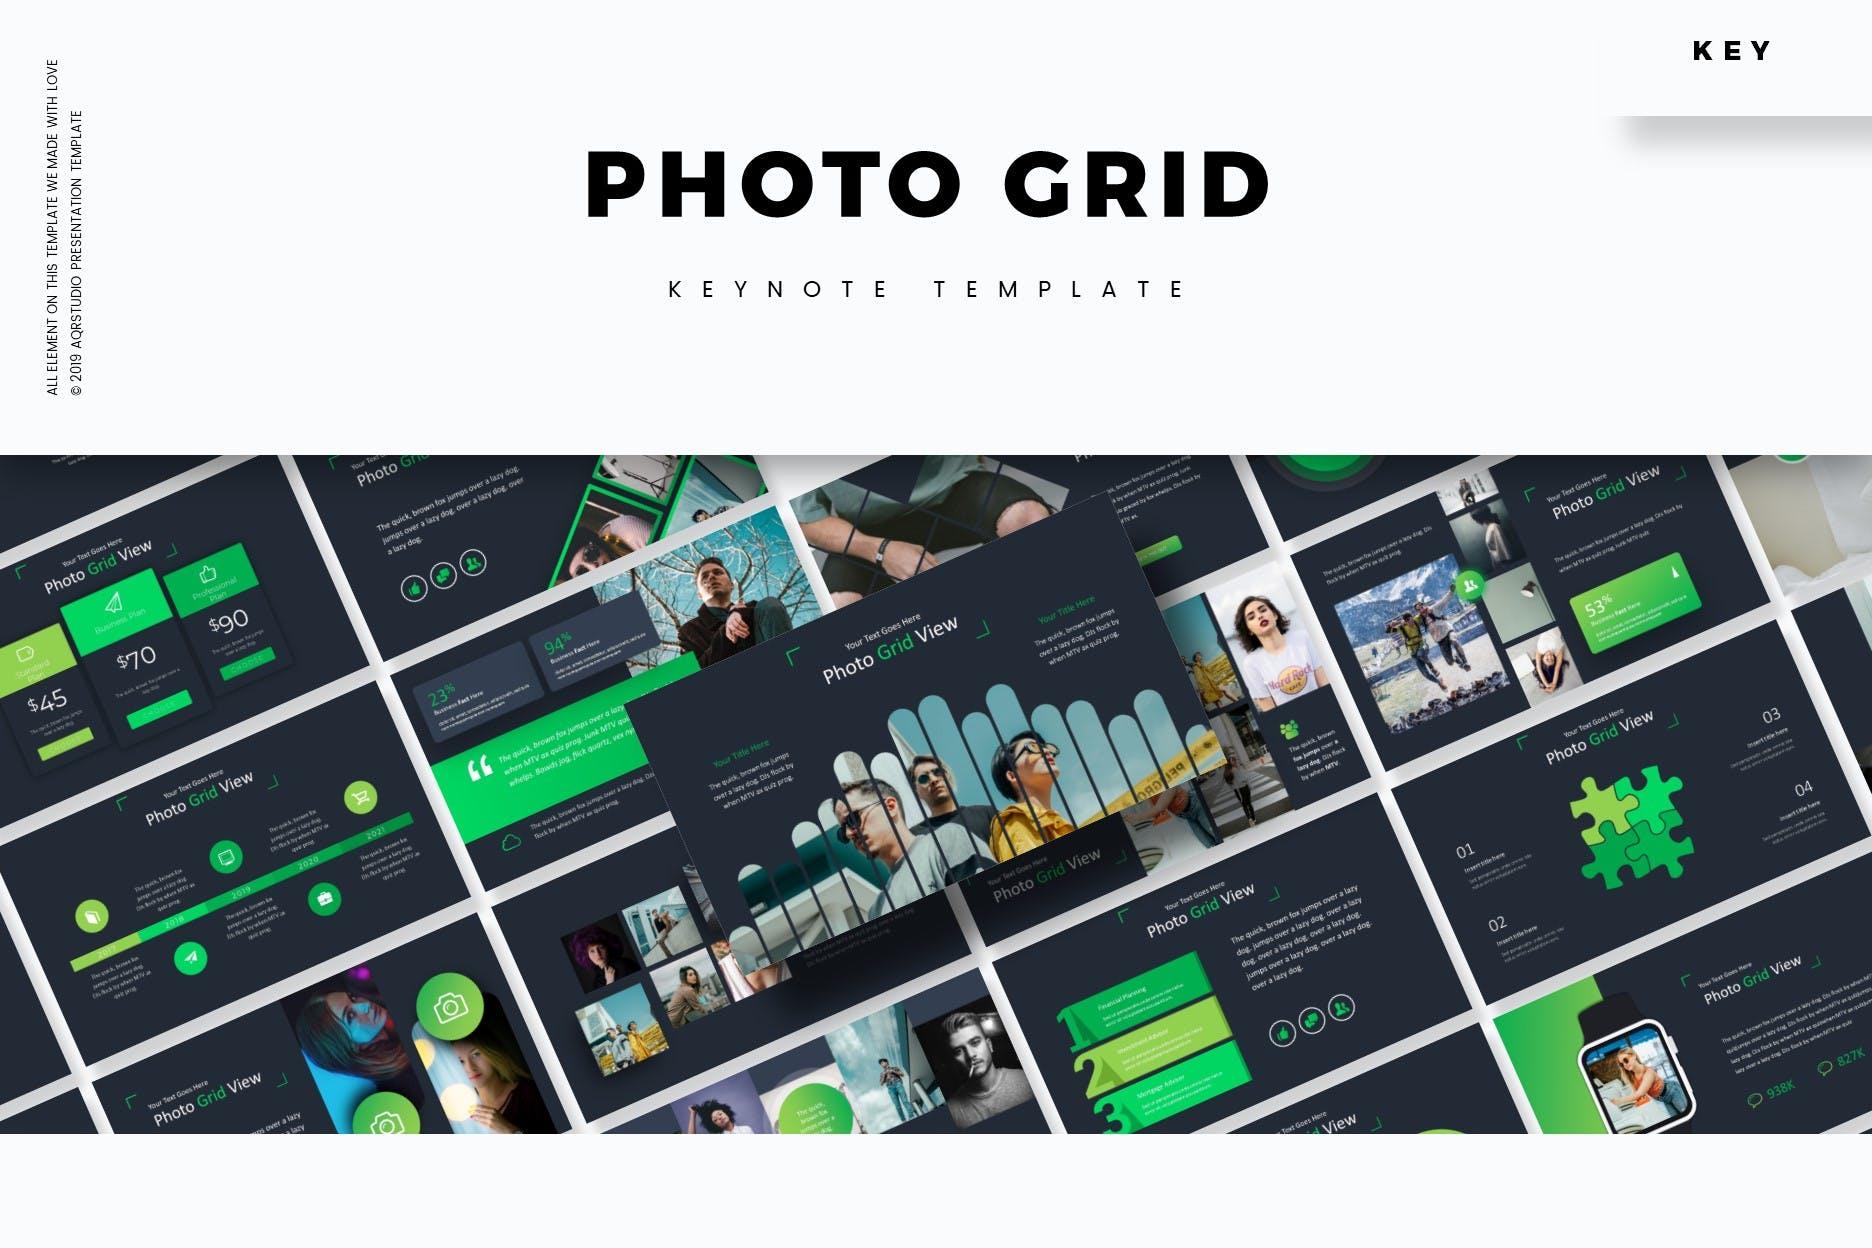 企业业务市场策划PPT幻灯片模板下载Photo Grid Keynote Template插图